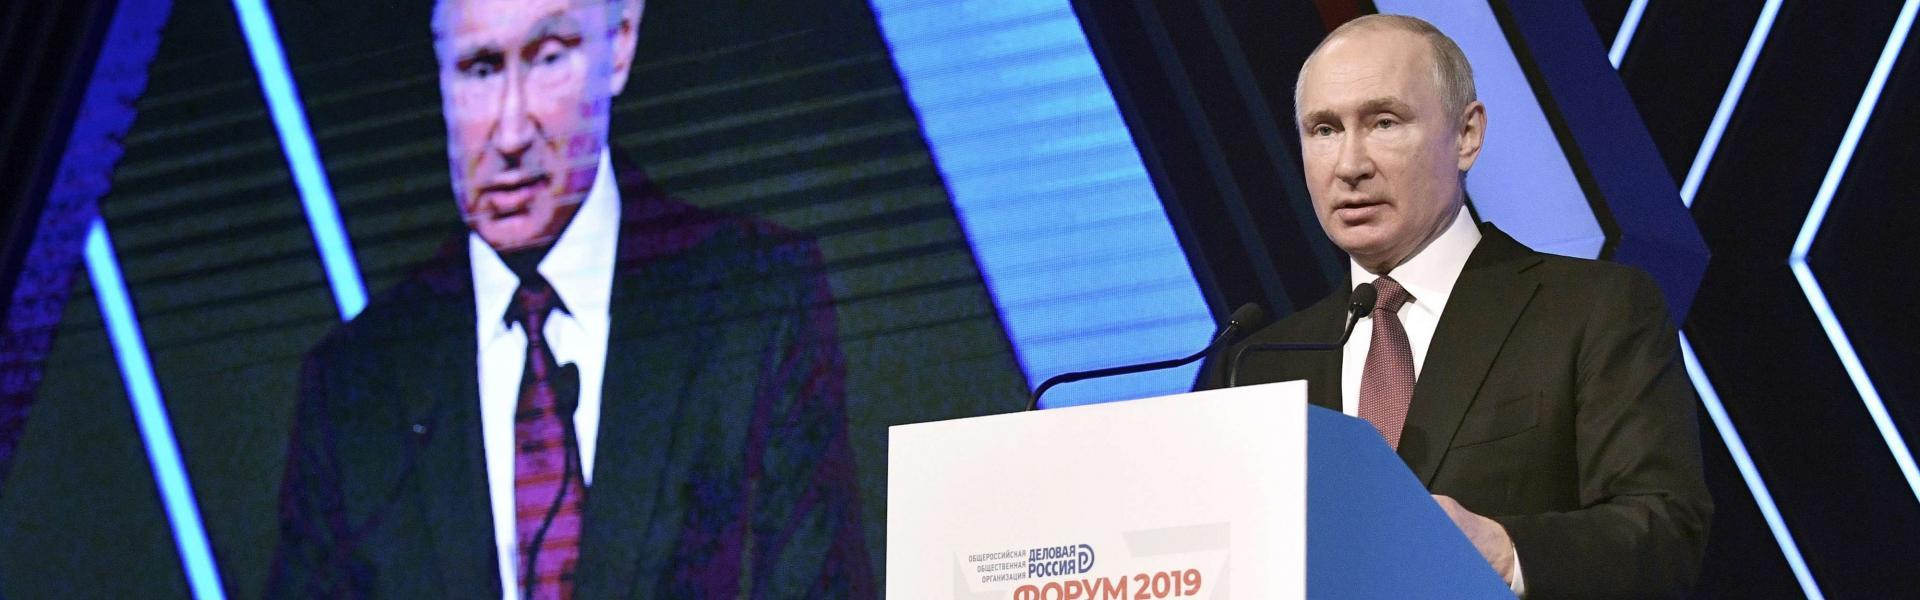 Rus lider Putin, Türk işadamları ve kamyon sürücüleri için vize kararnamesi imzaladı